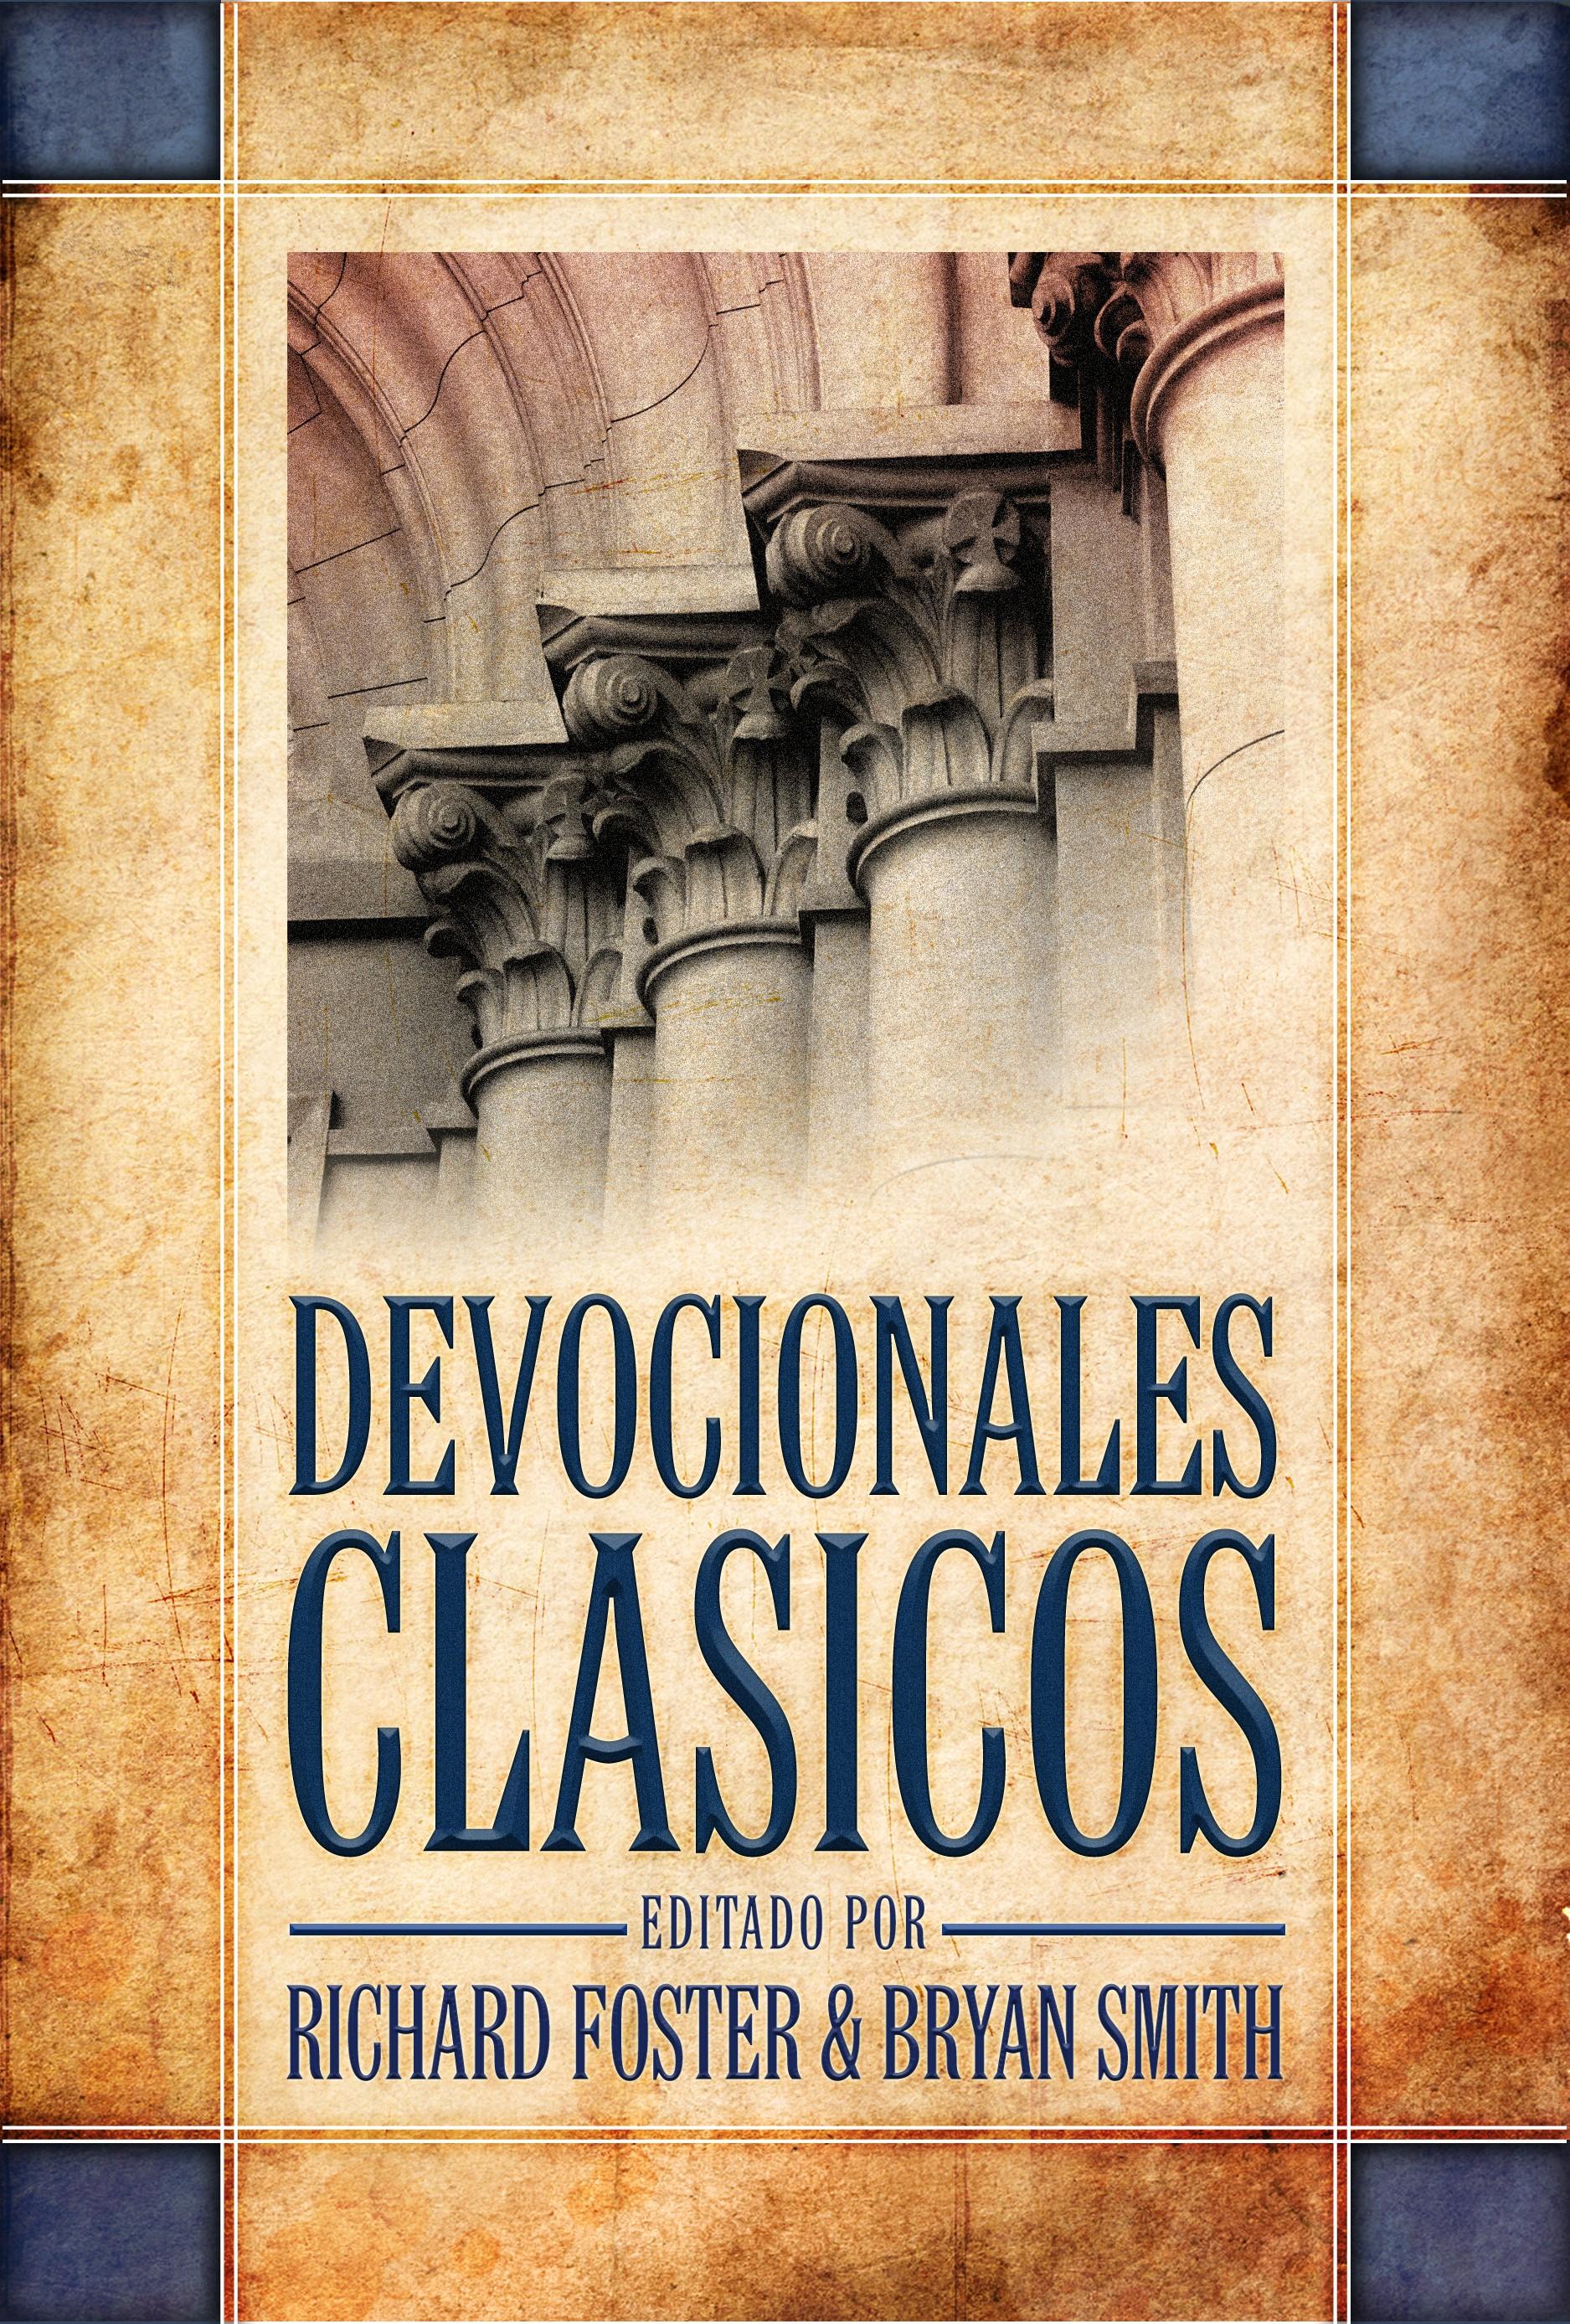 Devocionales Clásicos